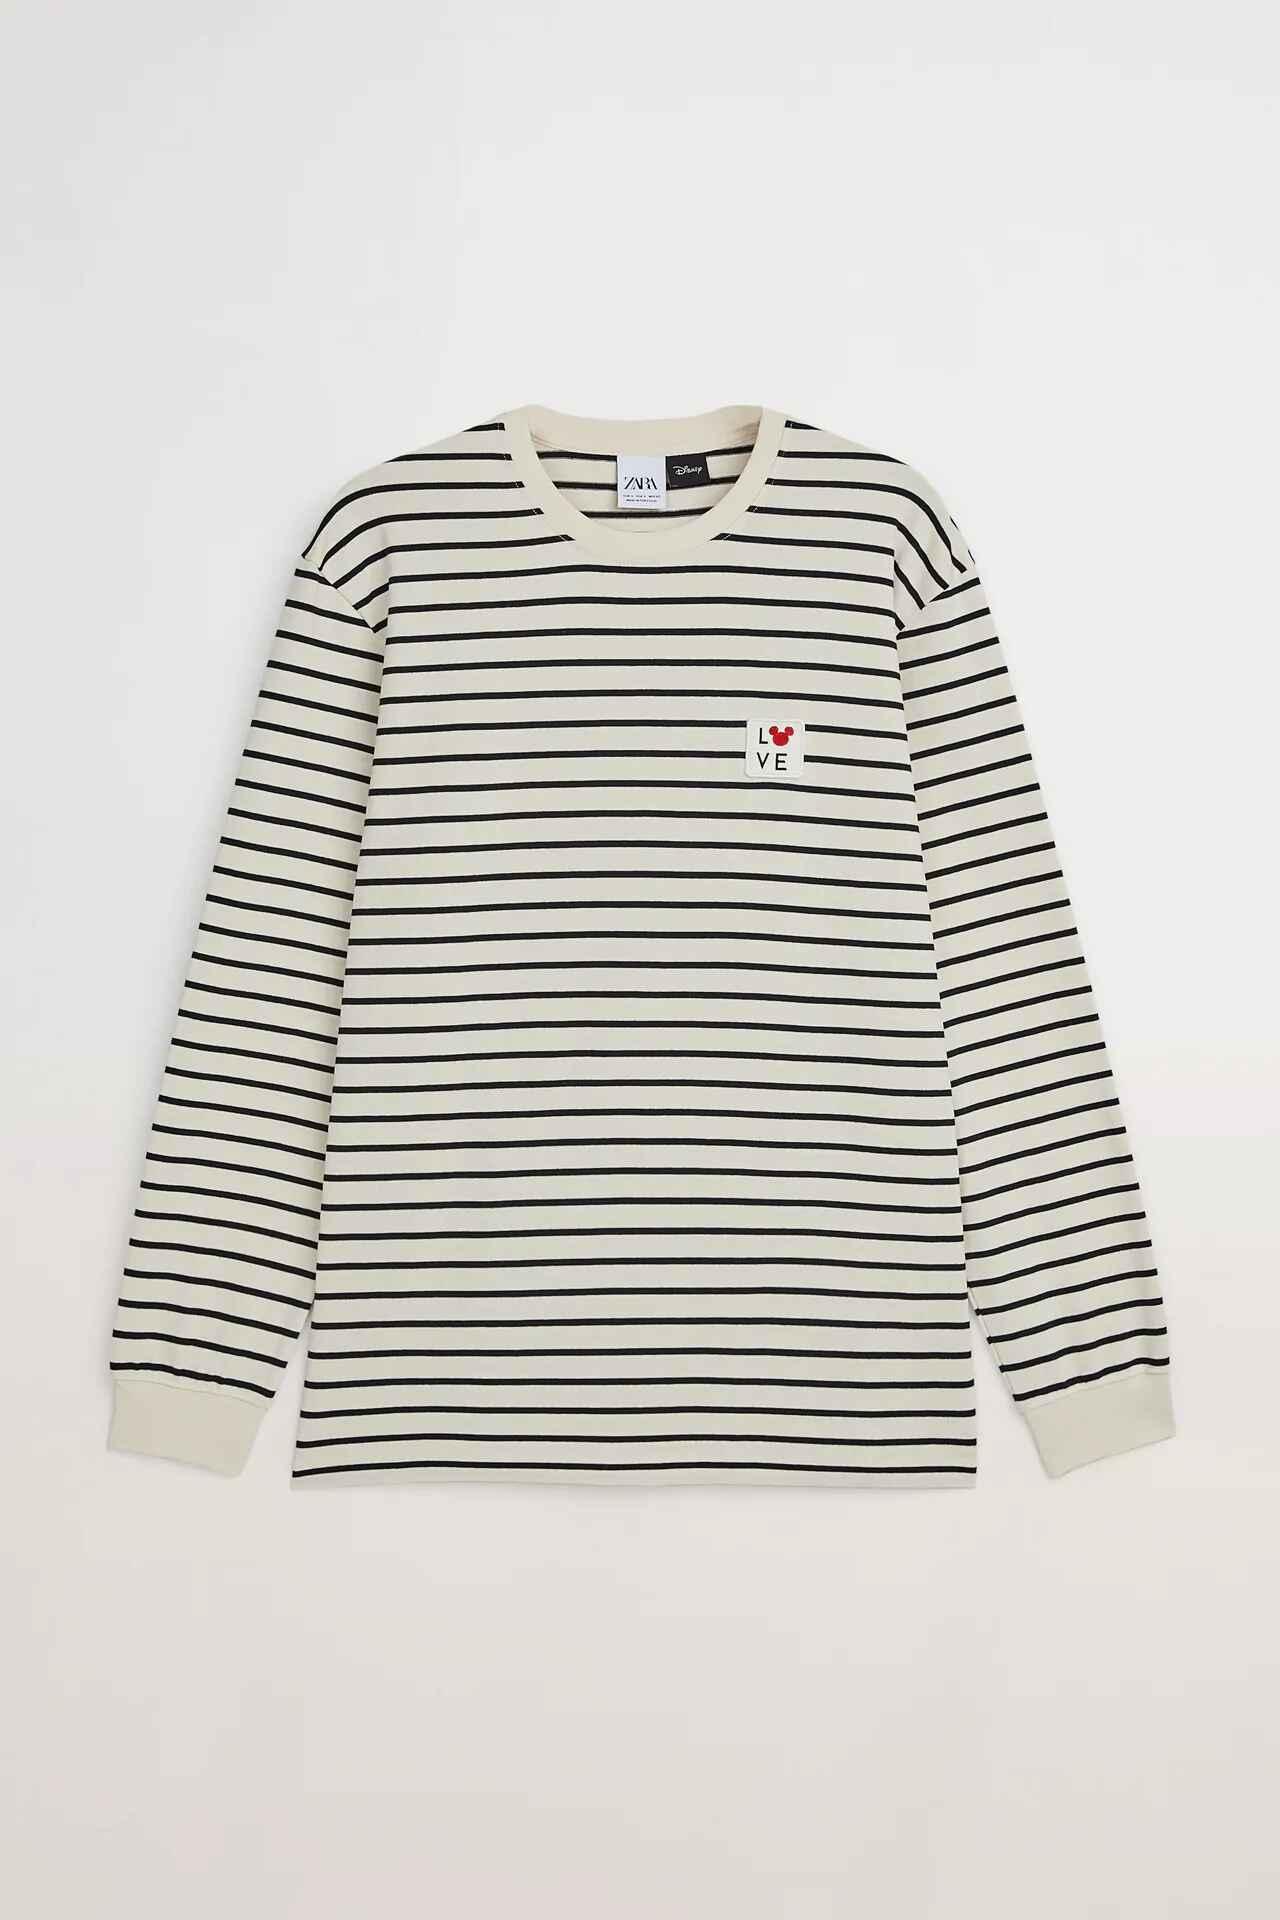 Camiseta marinera en manga larga